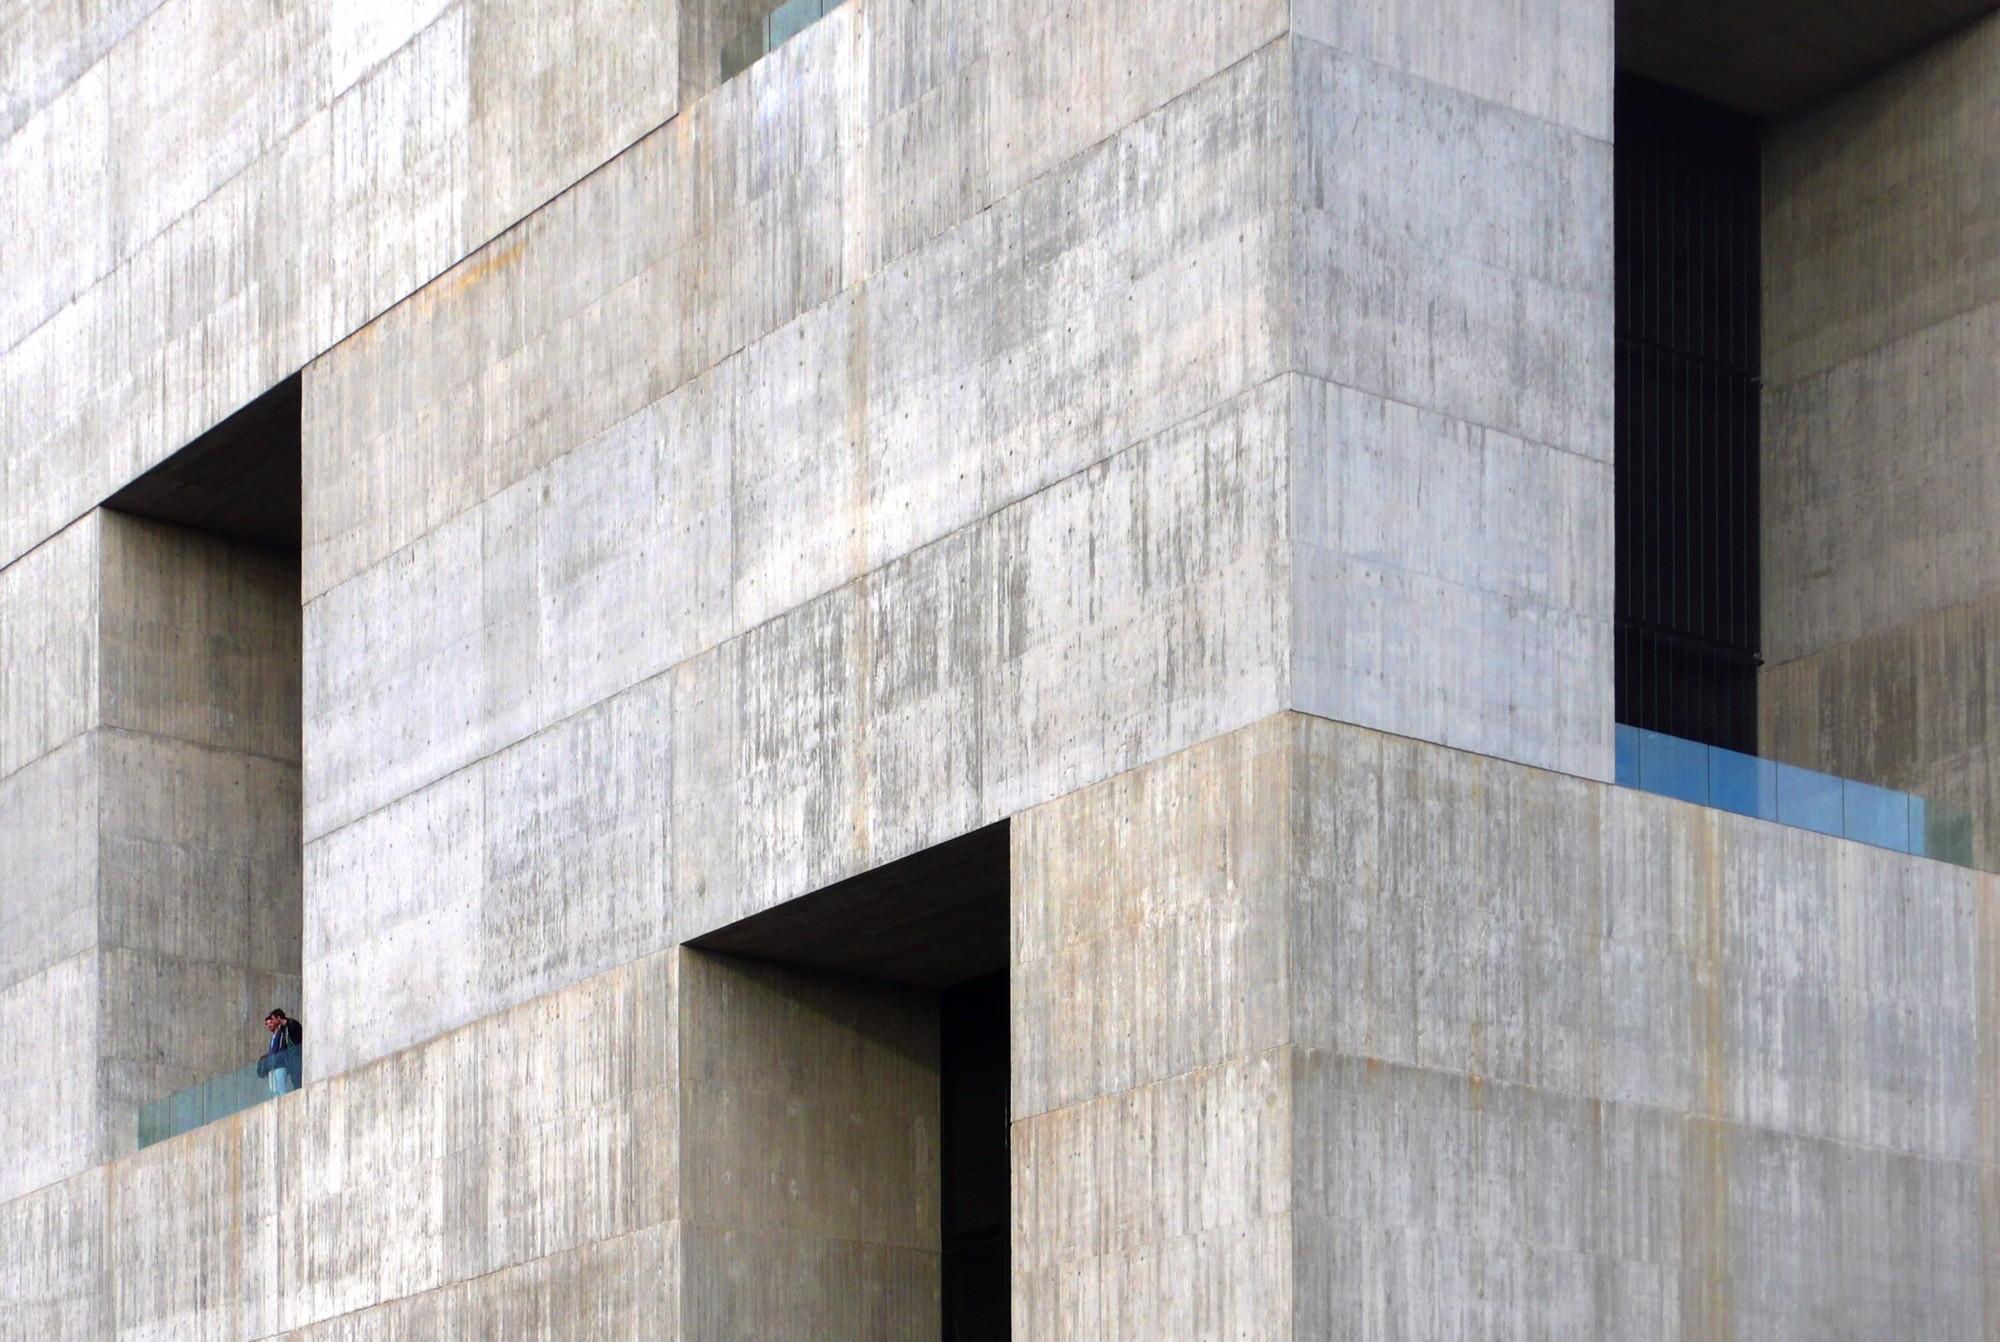 A pesar de la utilización de texturas, sus distintas escalas no están relacionadas coherentemente para la generación de un todo, por lo que se produce una geometría que no permite al ser humano conectar con el universo. Image © Nina Vidic